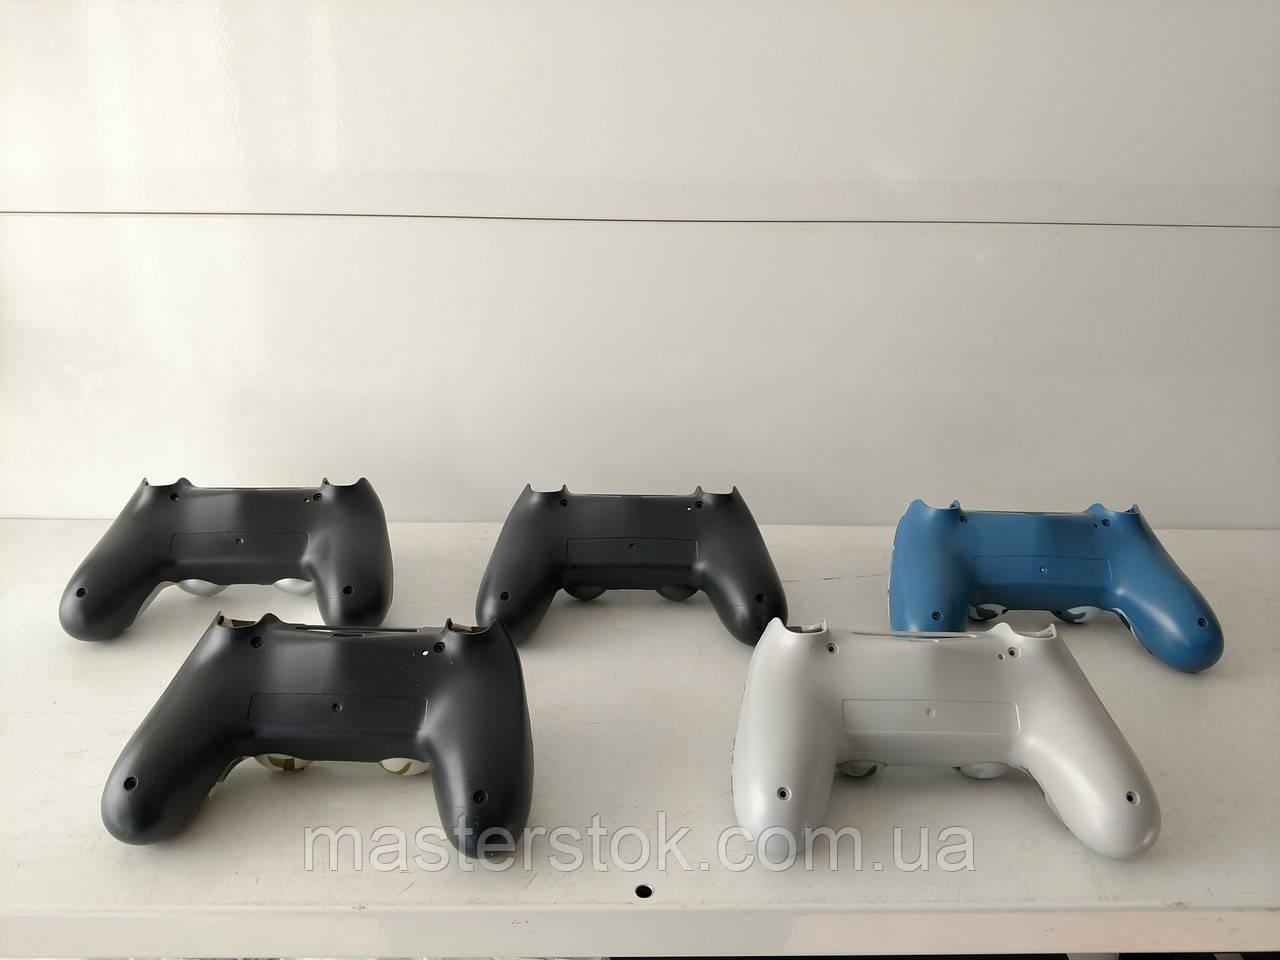 Новые корпуса для джойстиков Playstation 4 ( Pro/Slim JDM 040, JDS-040 6